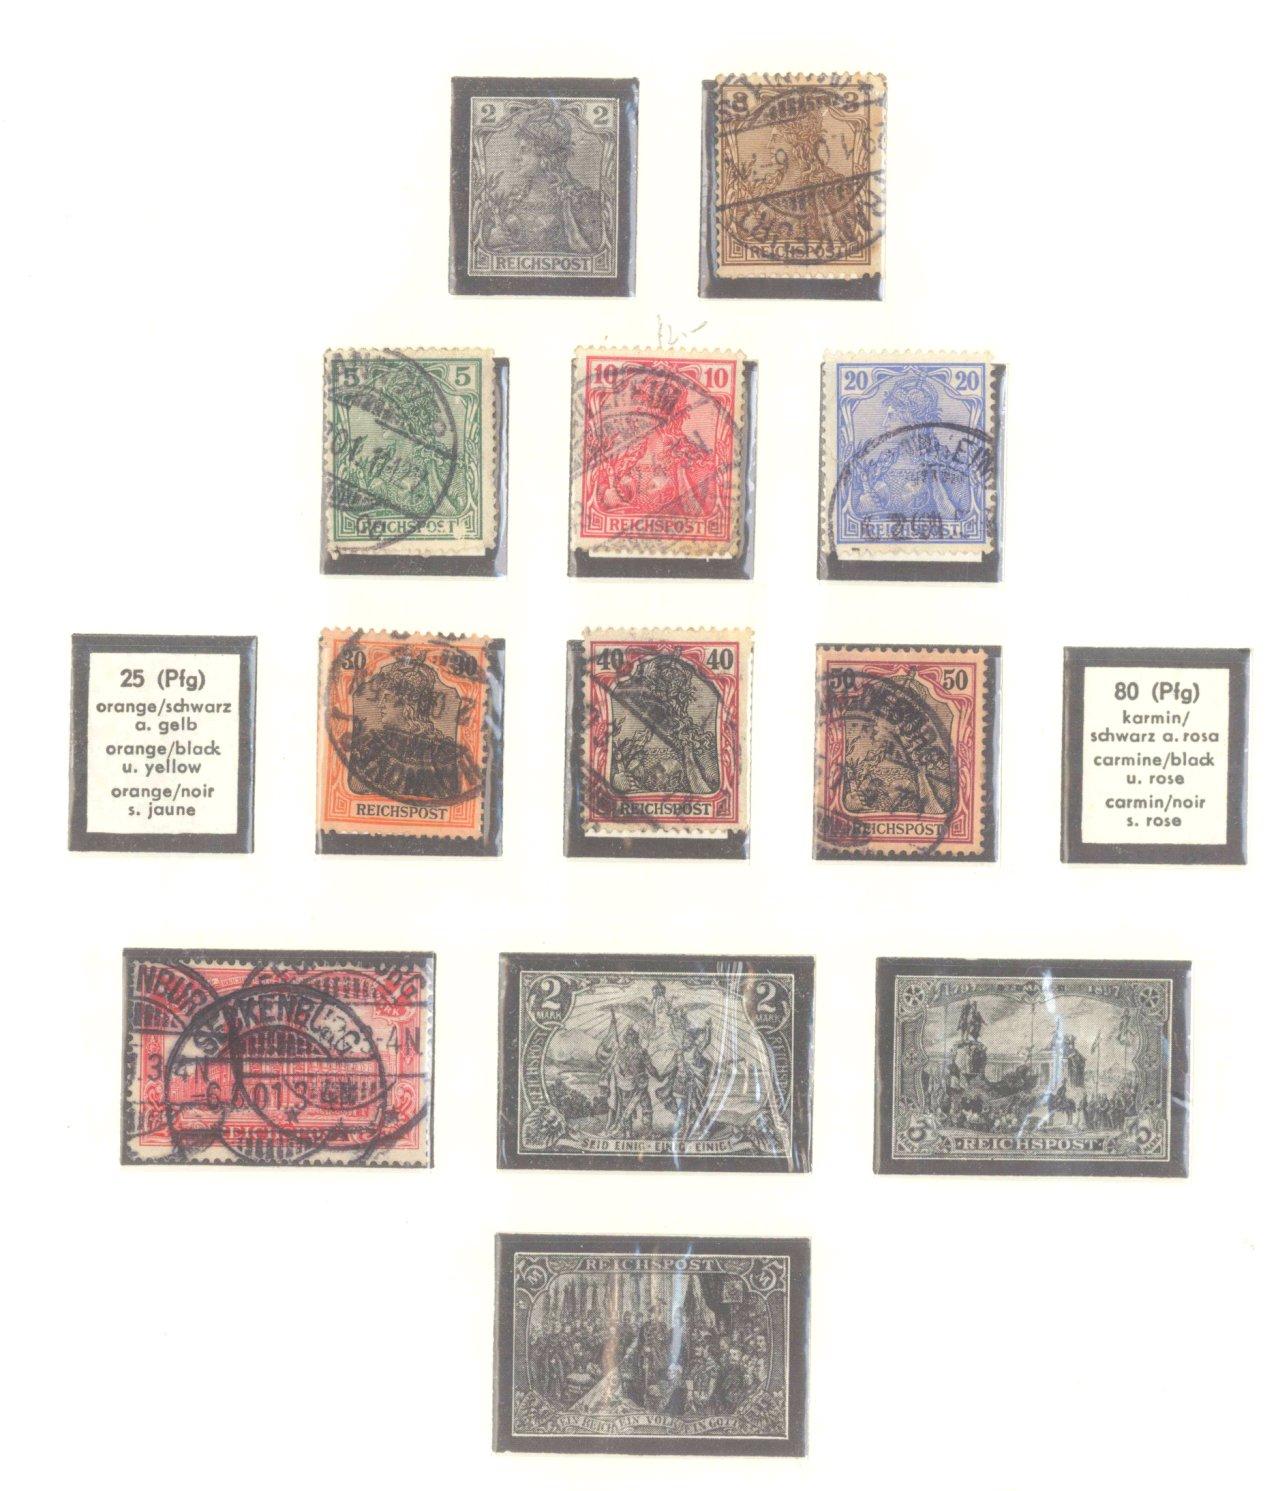 DEUTSCHES REICH – KAISERREICH 1872-1915-3